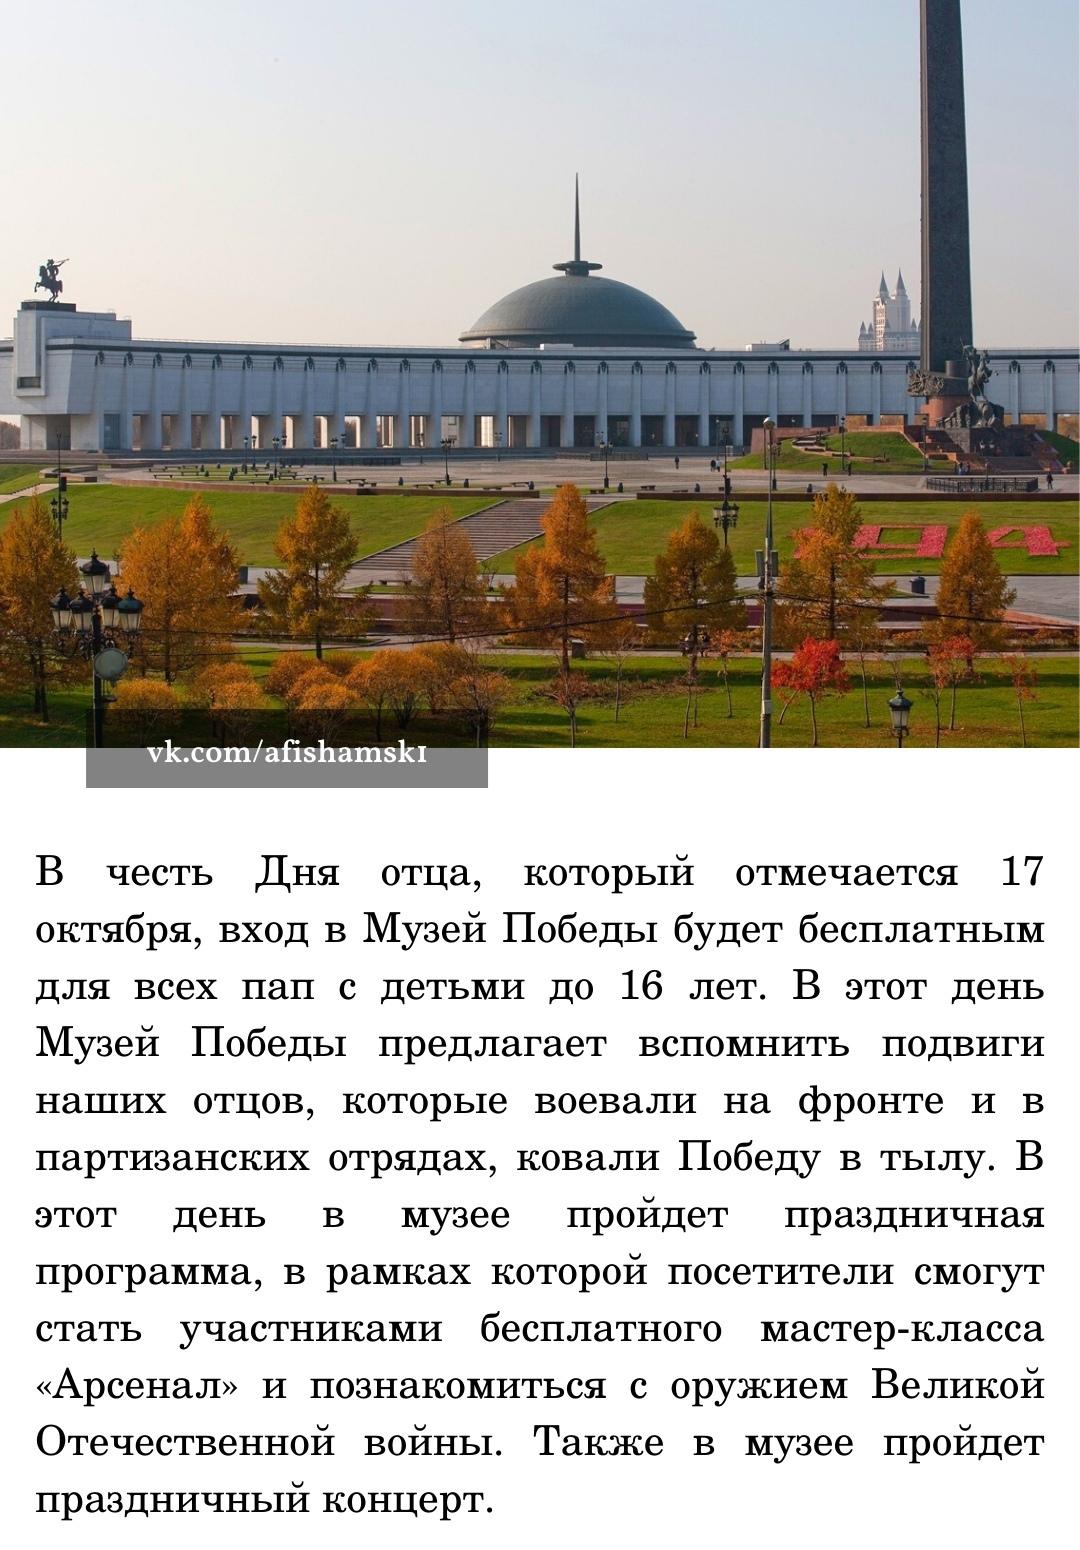 Пост Москвича номер #258024